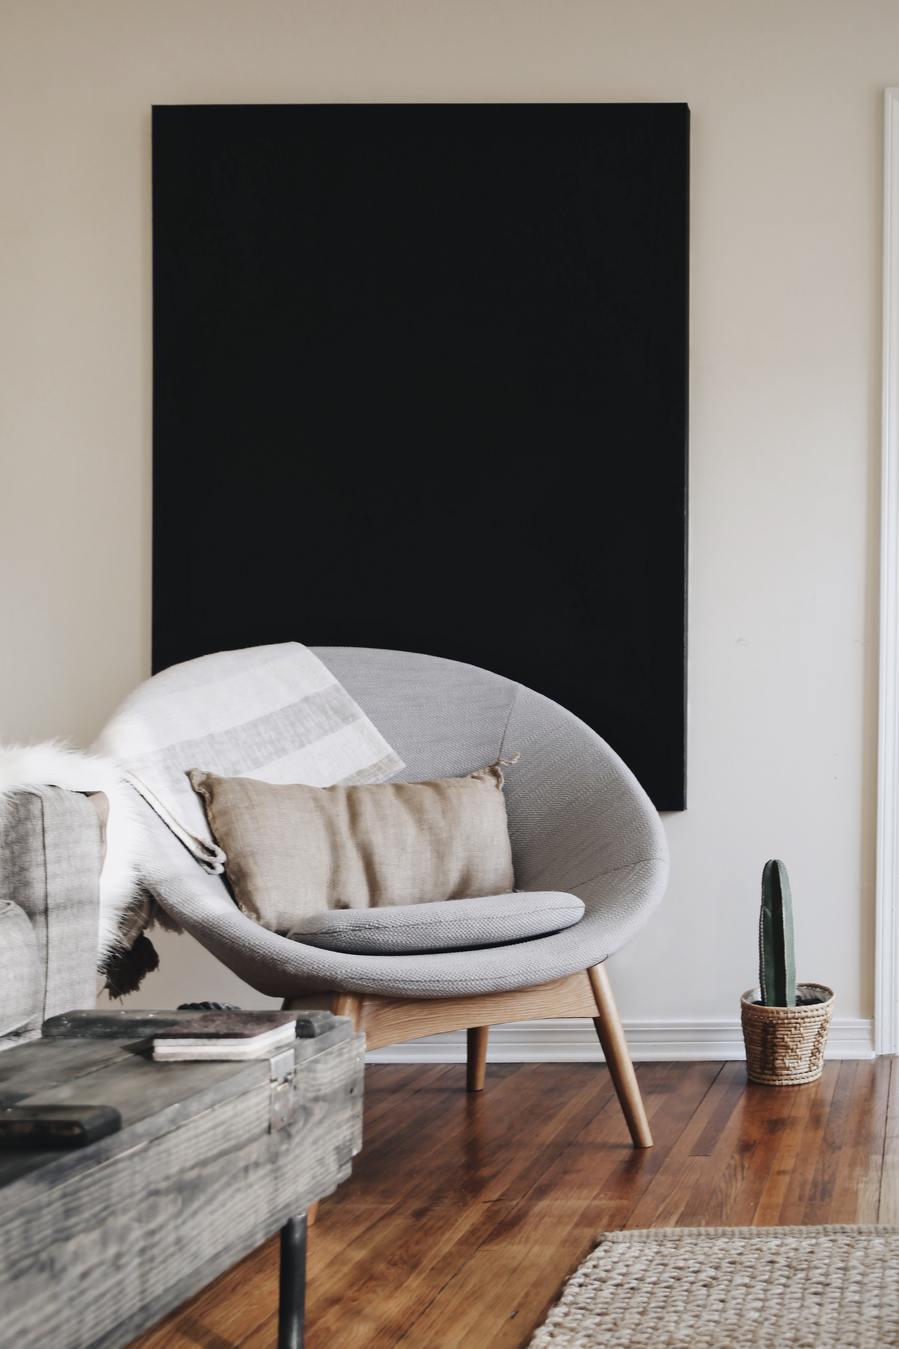 Lounge-Sessel in einem Wohnzimmer